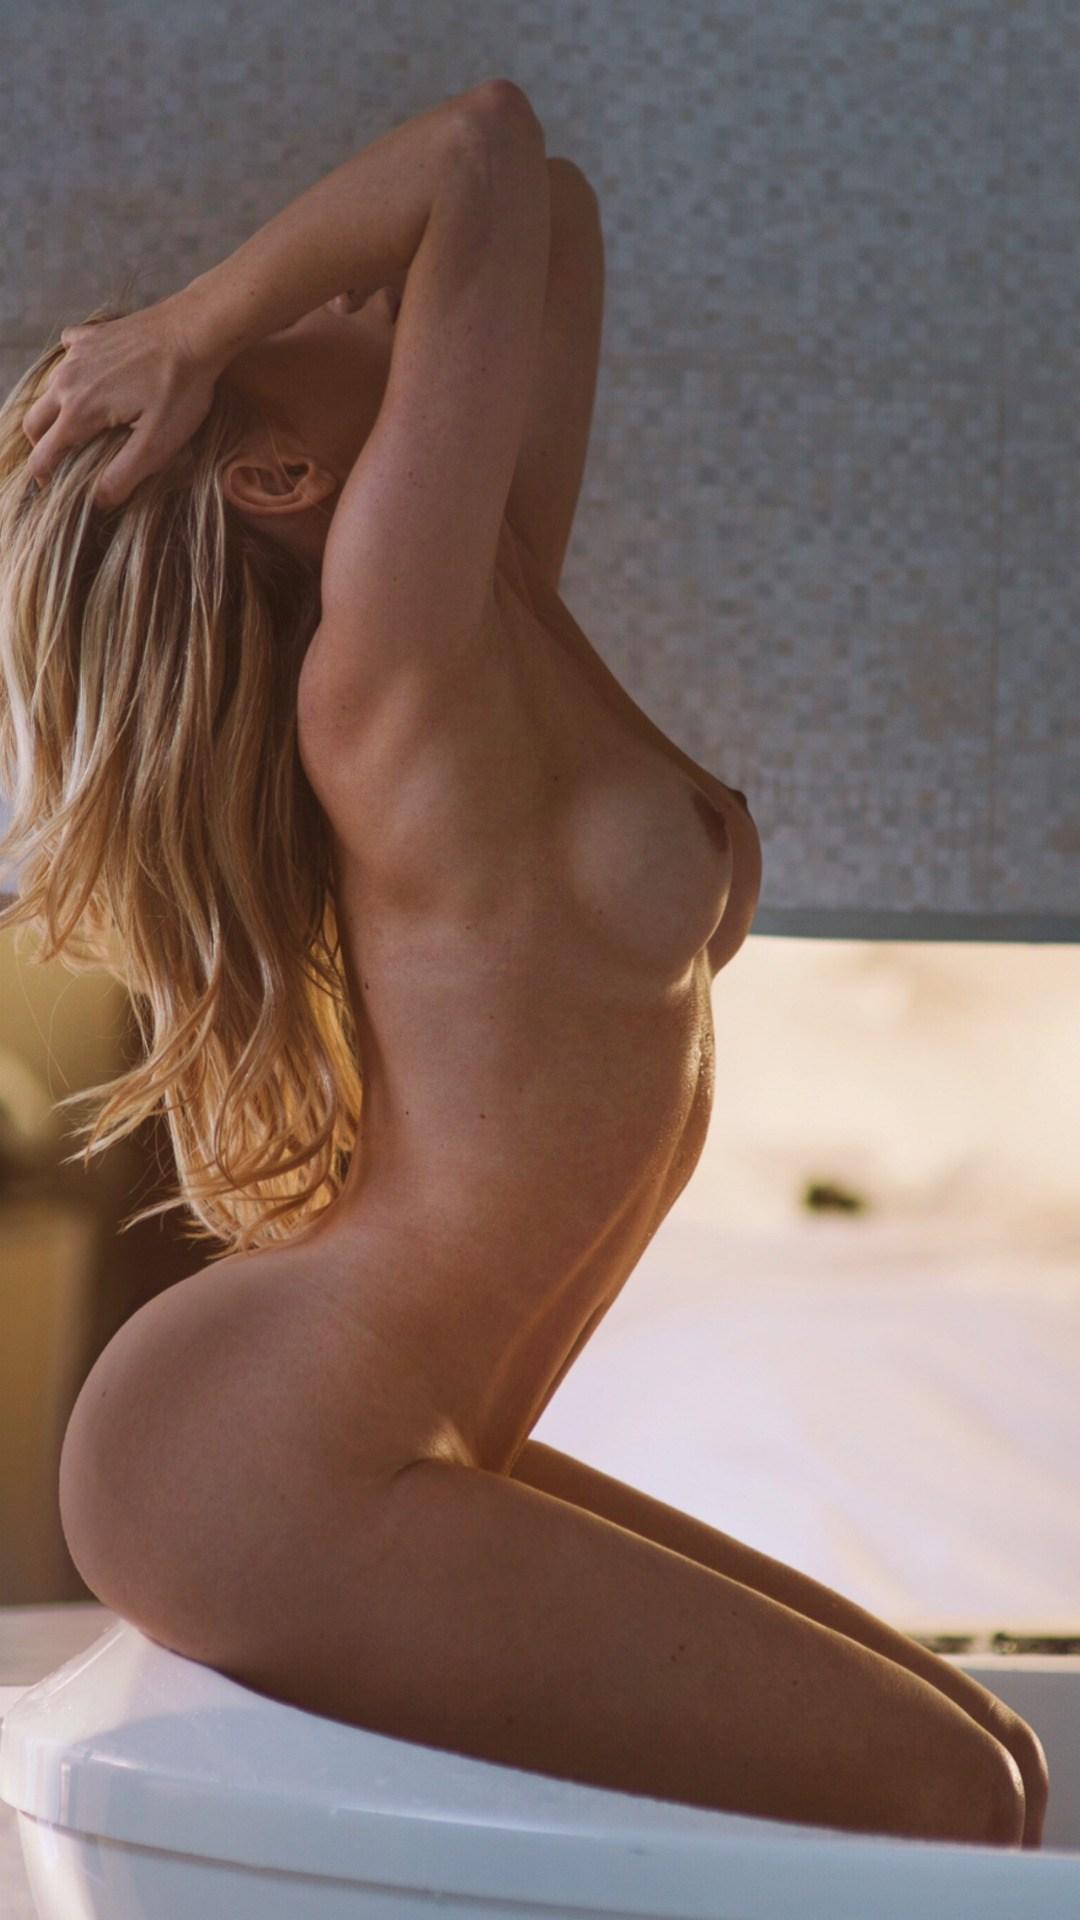 Nude katie may Katie Price